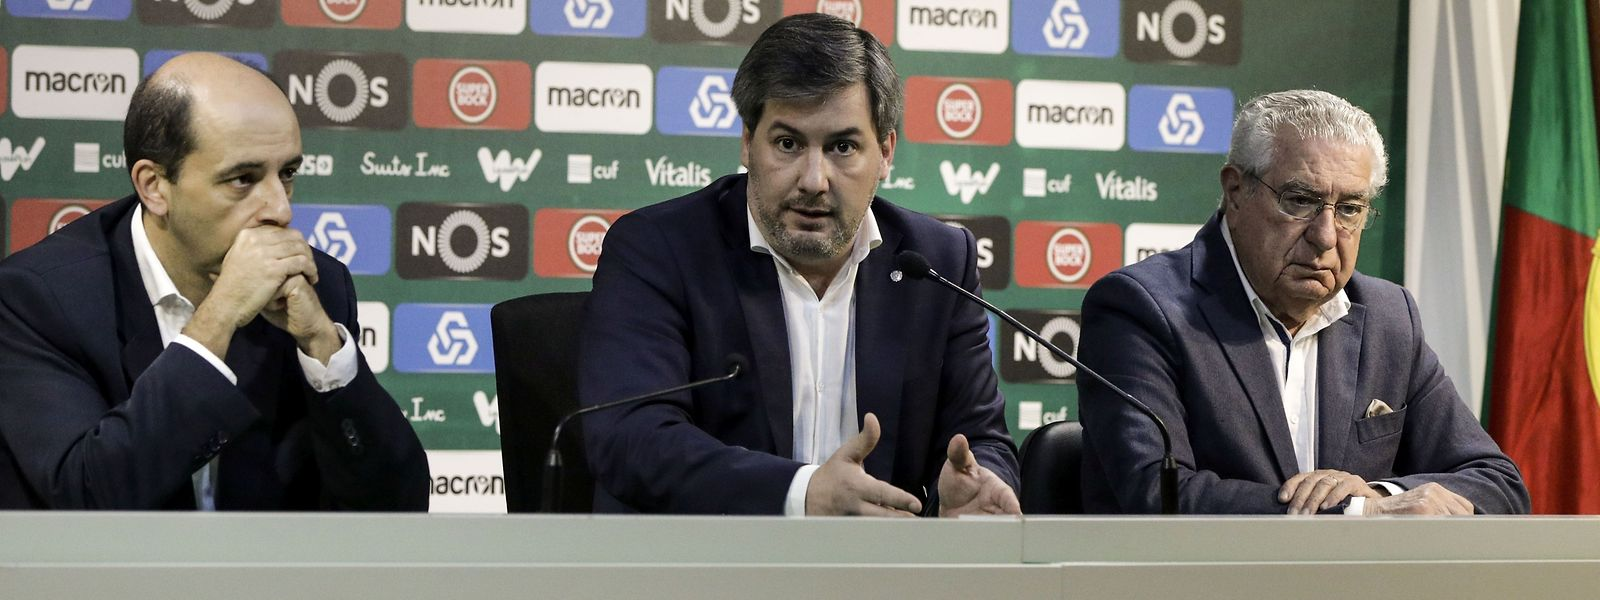 a destituição do CD liderado por Bruno de Carvalho foi aprovada com 71% dos votos.